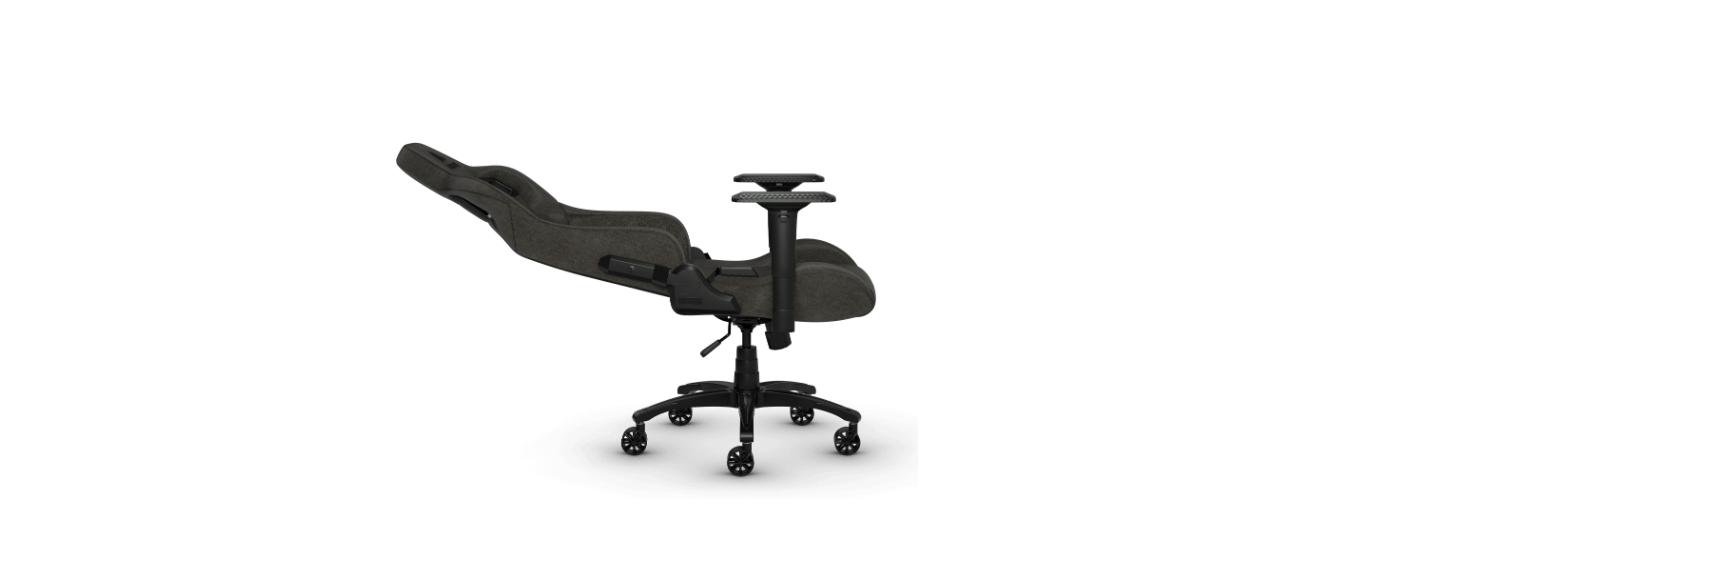 Ghế Game Corsair T3 RUSH Gray-Charcoal có thể tuỳ chỉnh vị trí ngồi dễ dàng